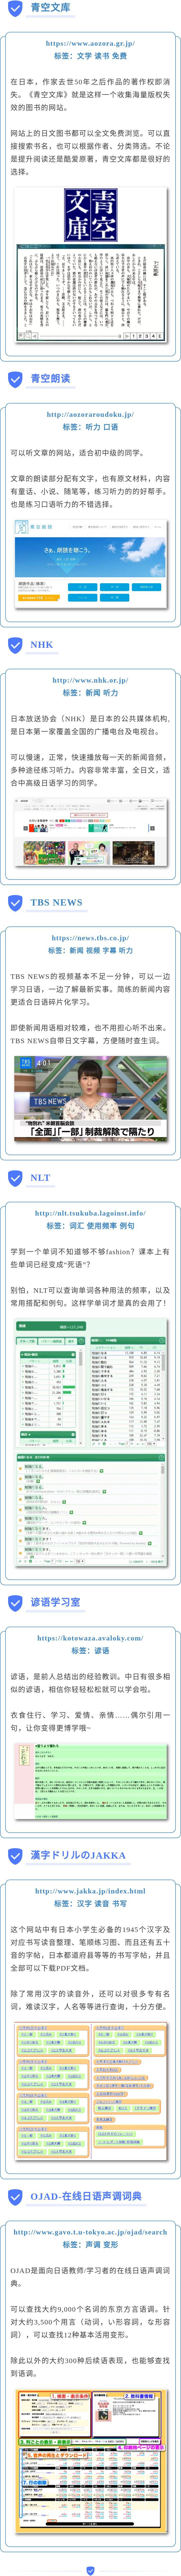 干货|那些相见恨晚的日语学习网站!